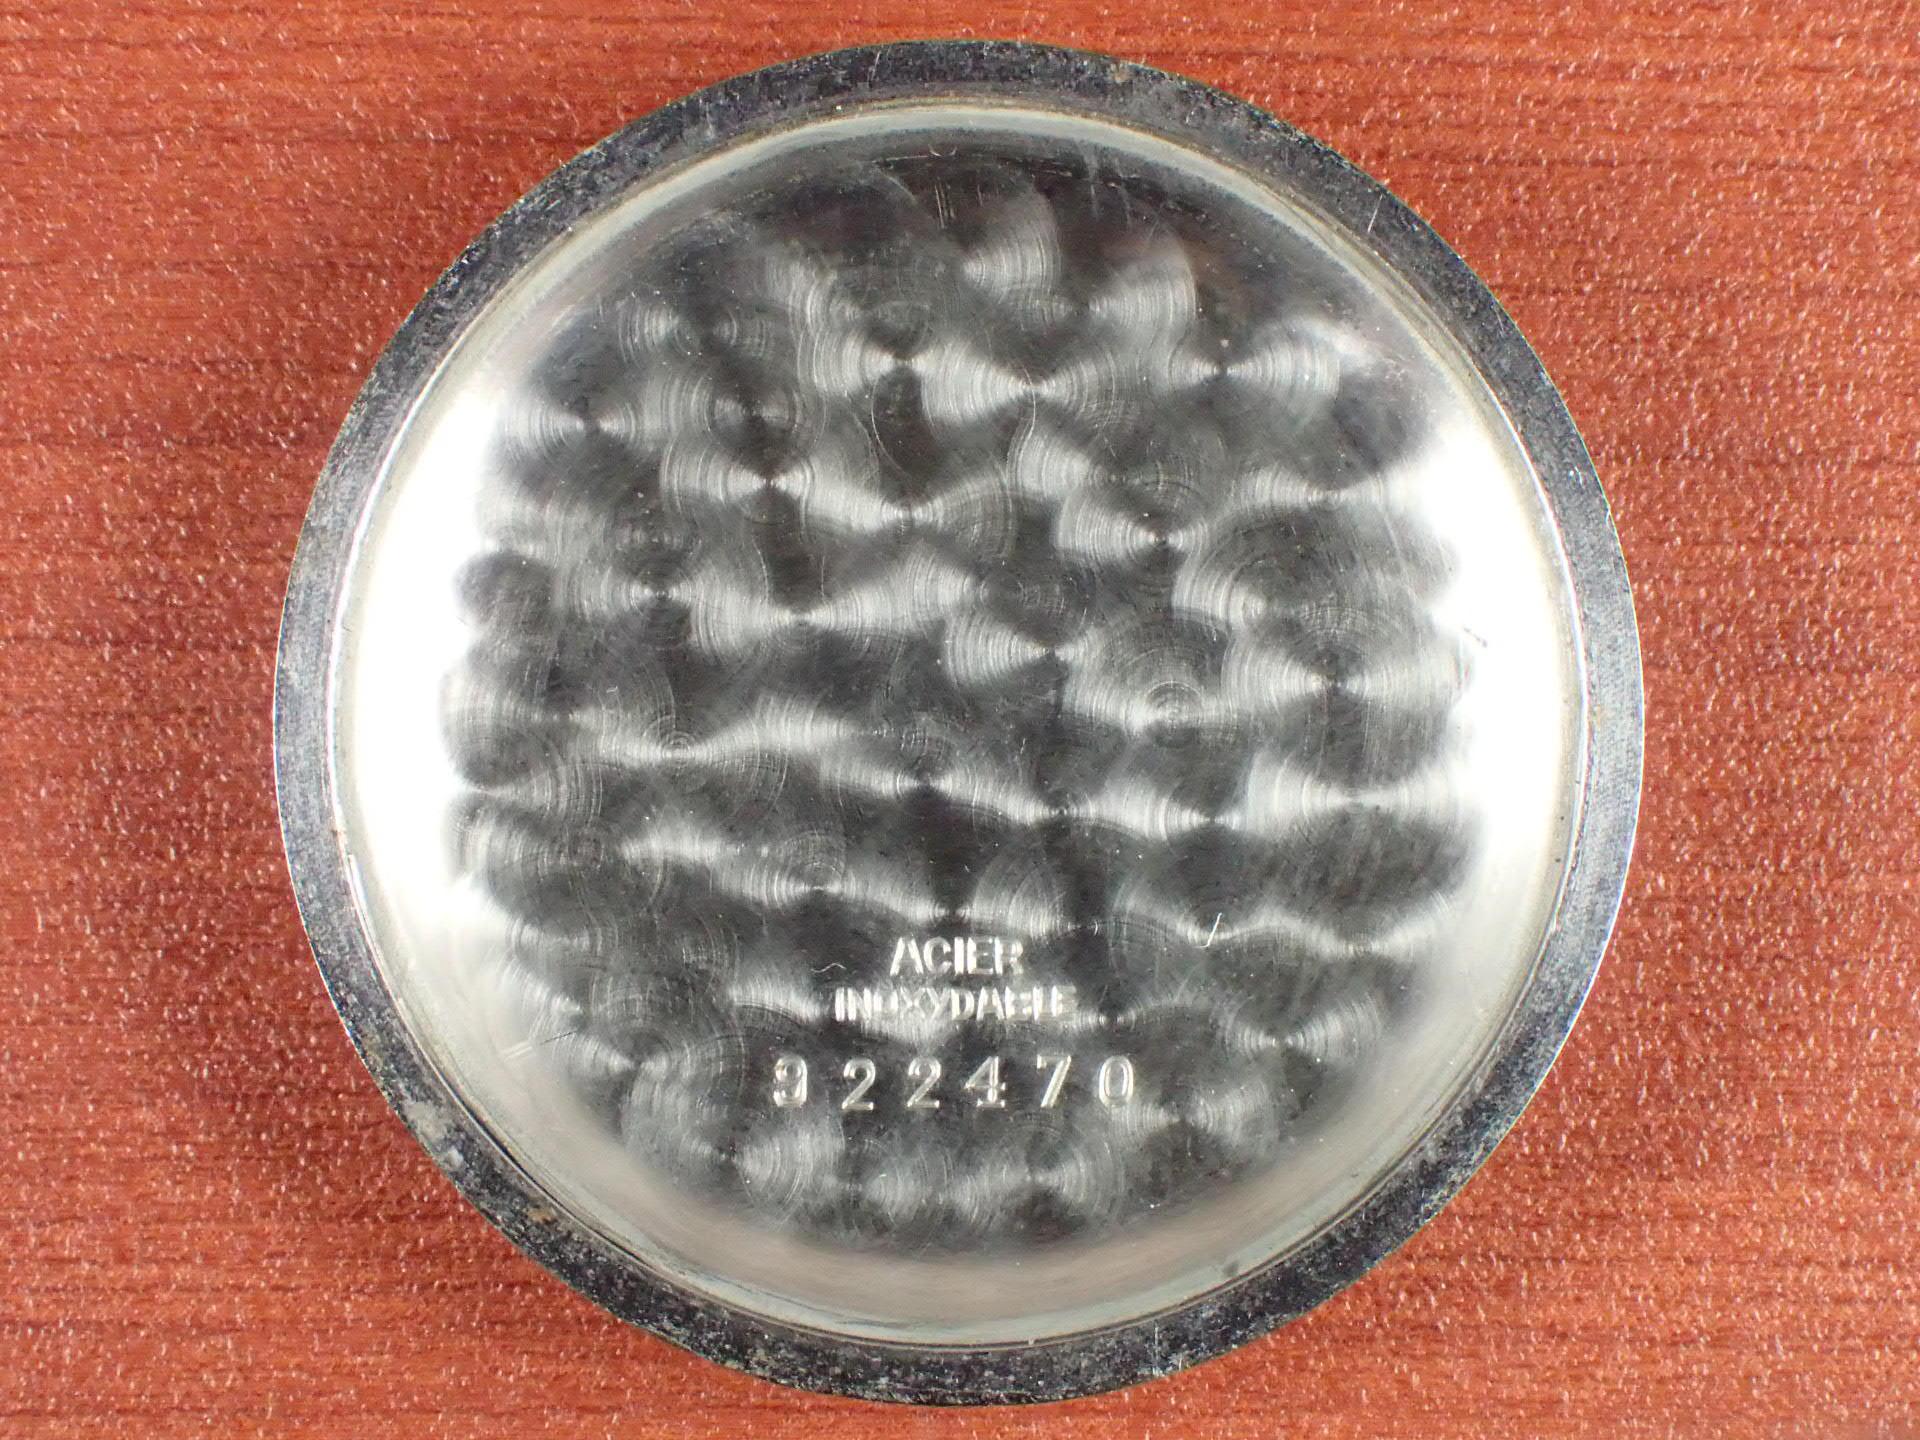 エクセルシオパーク クロノグラフ ブラックミラーダイアル キャリバー4 1940年代の写真6枚目